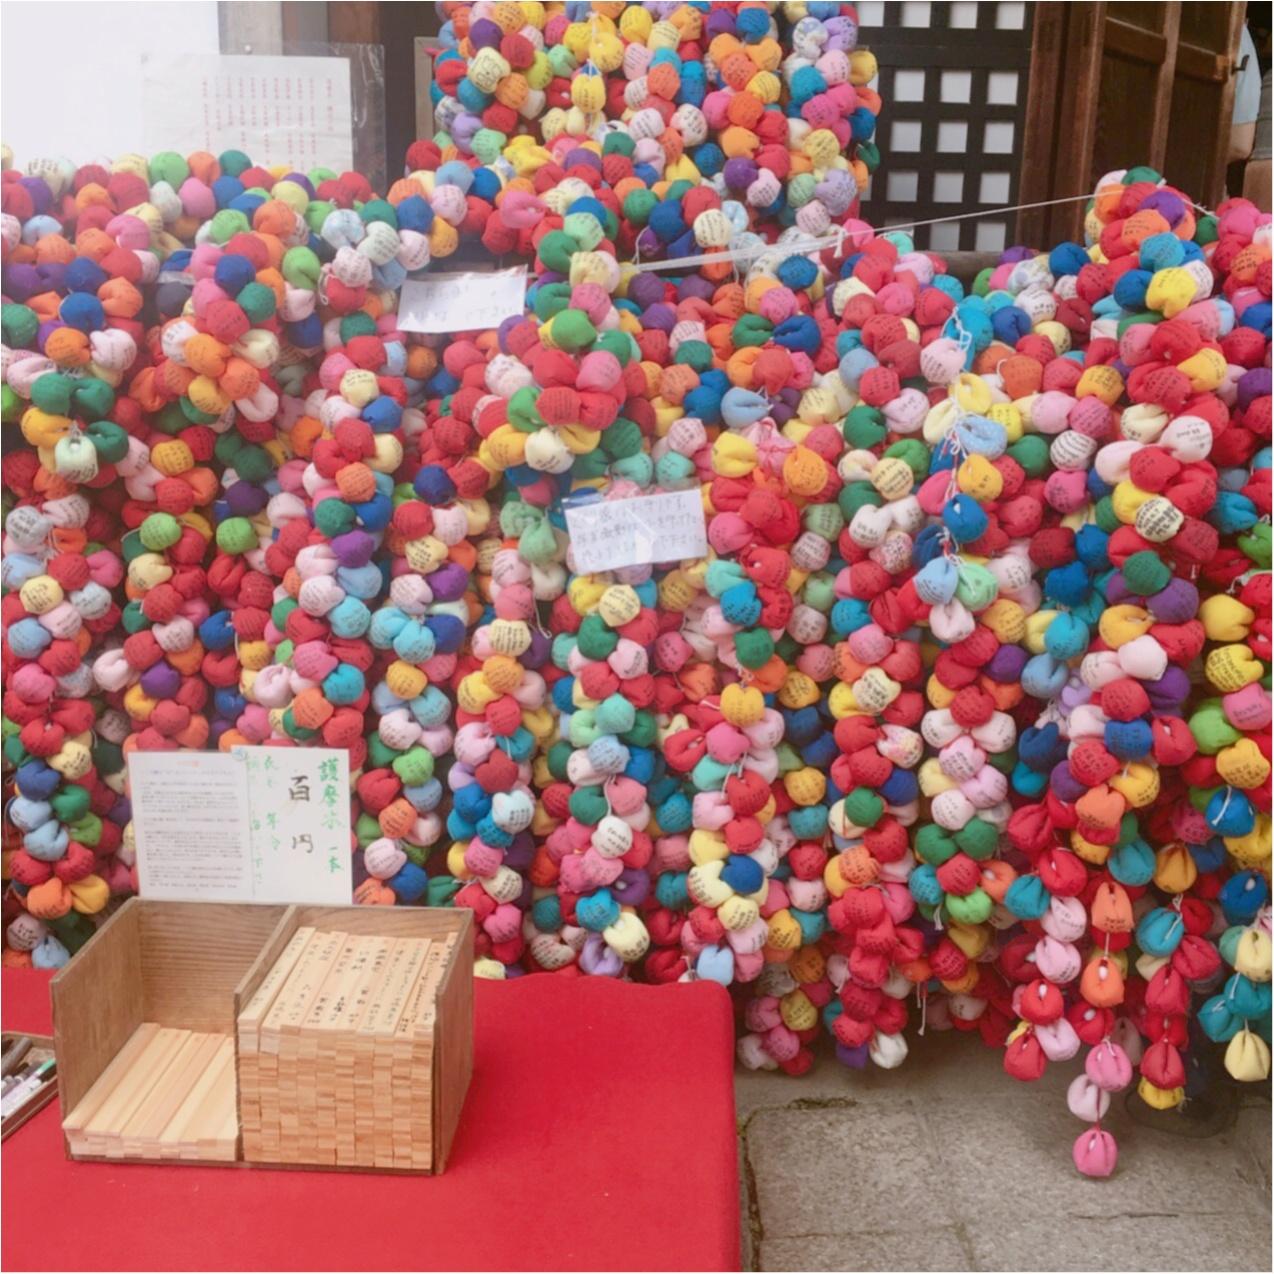 カラフルで可愛い♡ 京都にあるフォトジェニックなスポット《 八坂庚申堂 》って知ってる? おしゃれな写真のアイディア3選♡_3